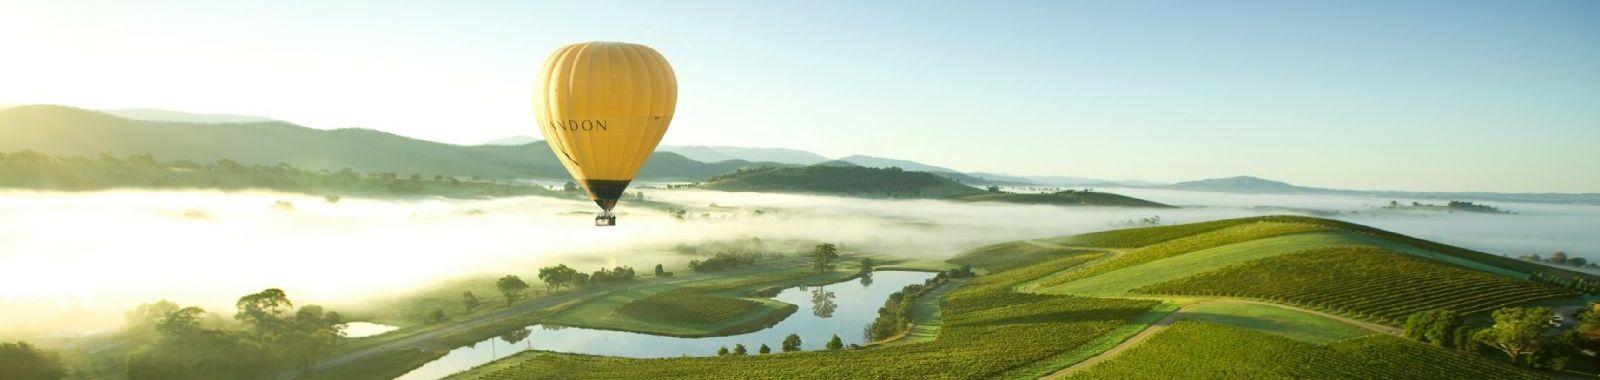 11-Nights Tales of Tasmania & Victoria - Luxury